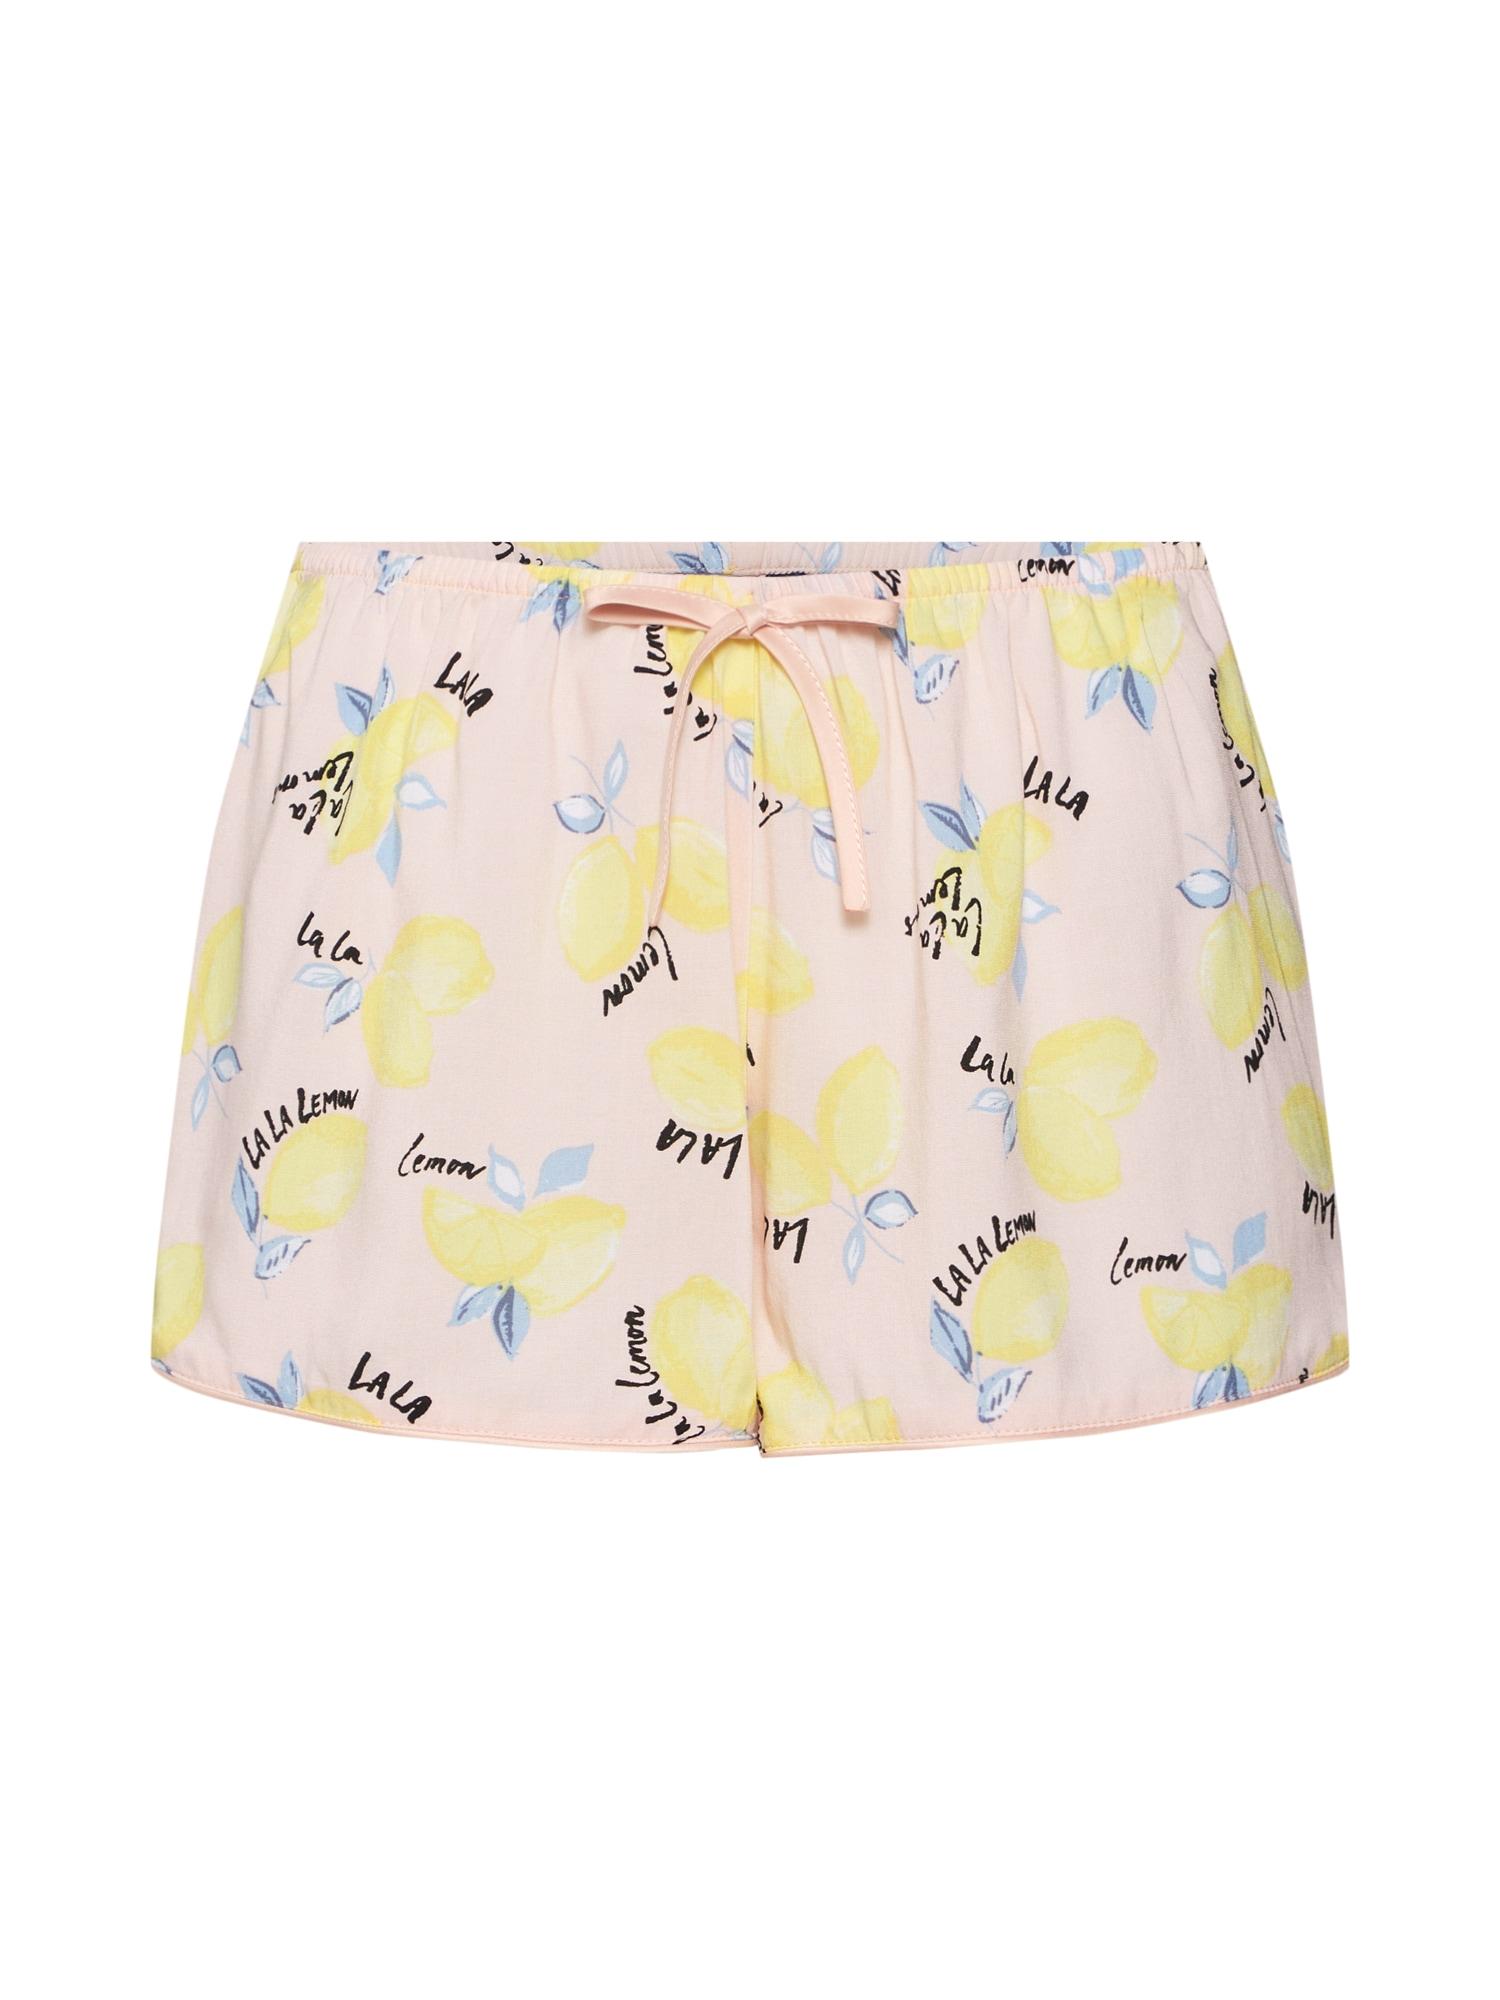 Pyžamové kalhoty Lemon žlutá meruňková Hunkemöller